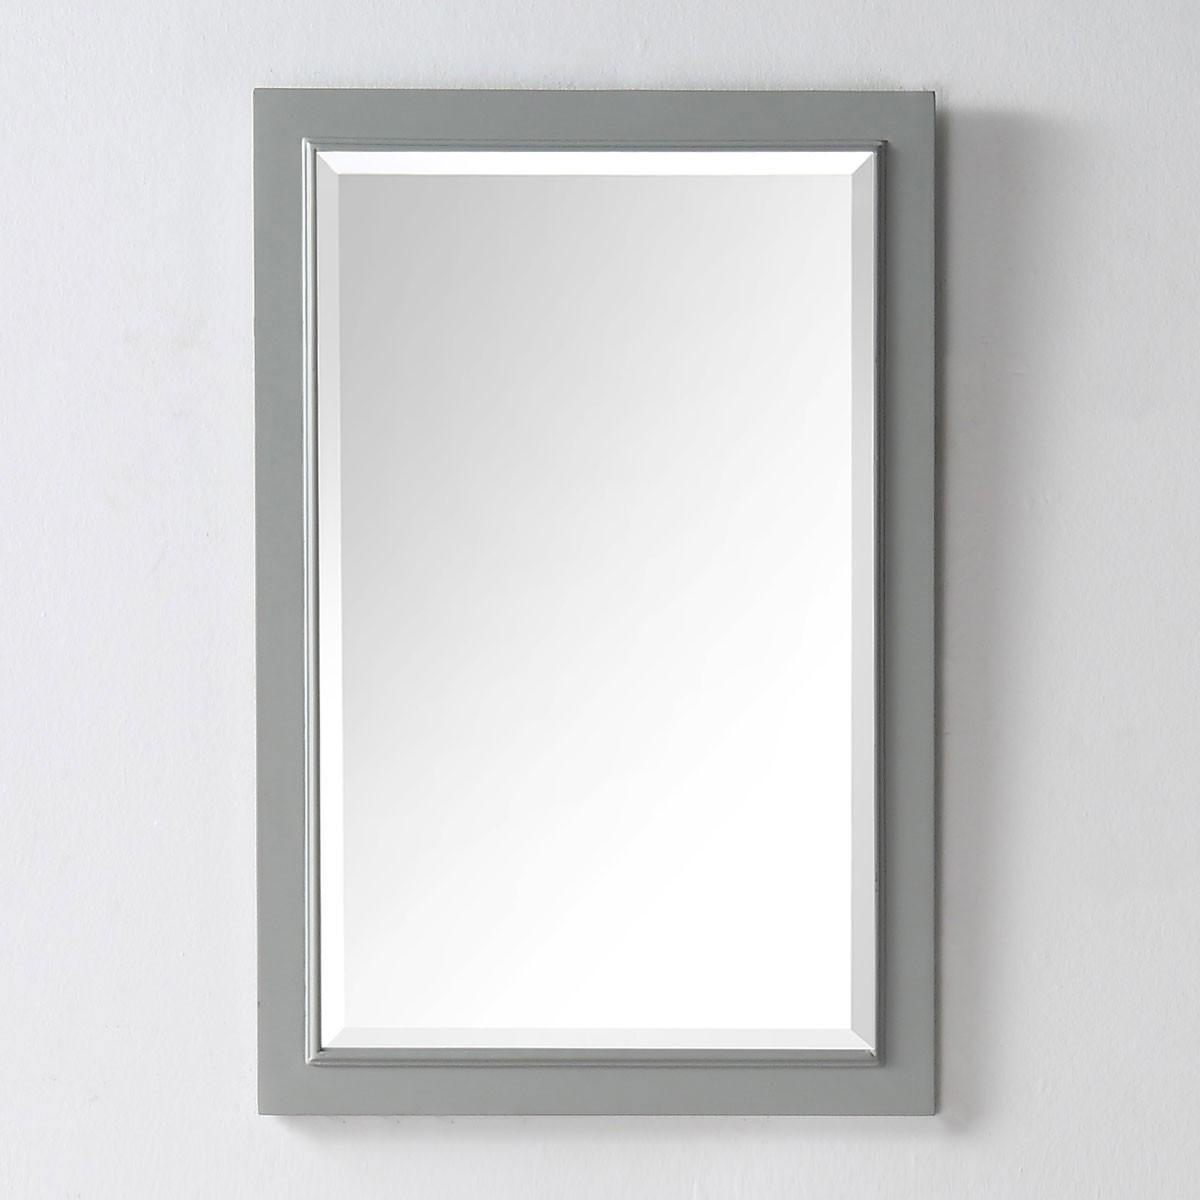 20 x 30 po Miroir avec Cadre Gris Clair (DK-5000-CGM)